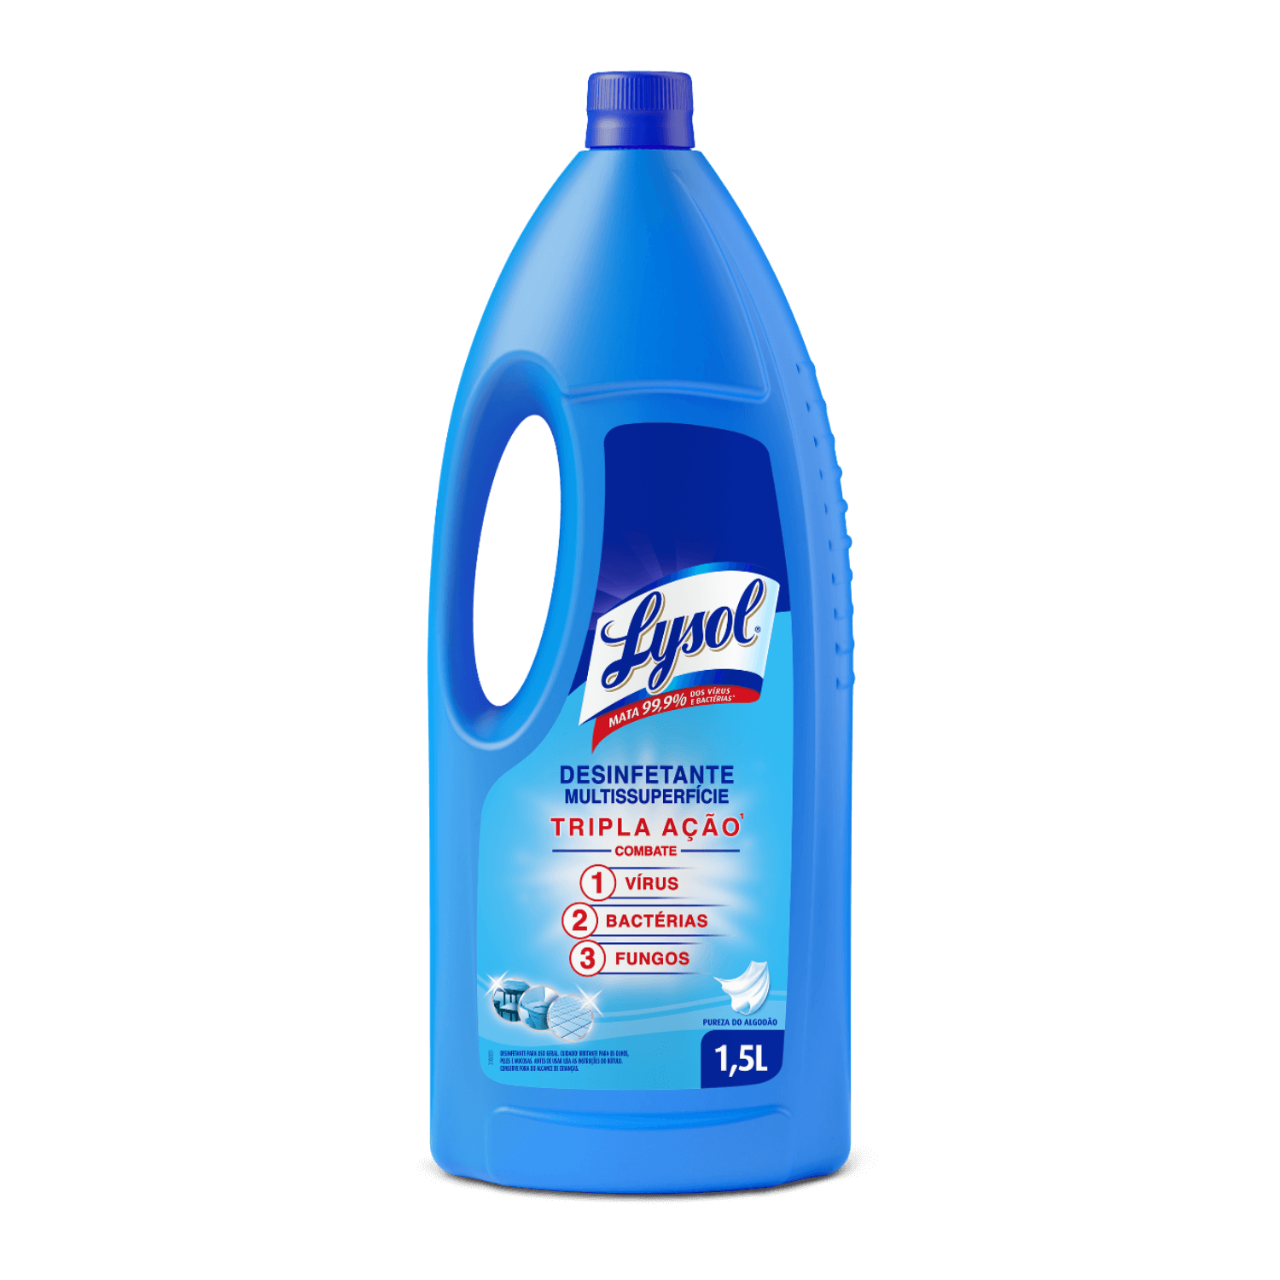 Lysol Desinfetante Multissuperfície Pureza do Algodão 1.5L